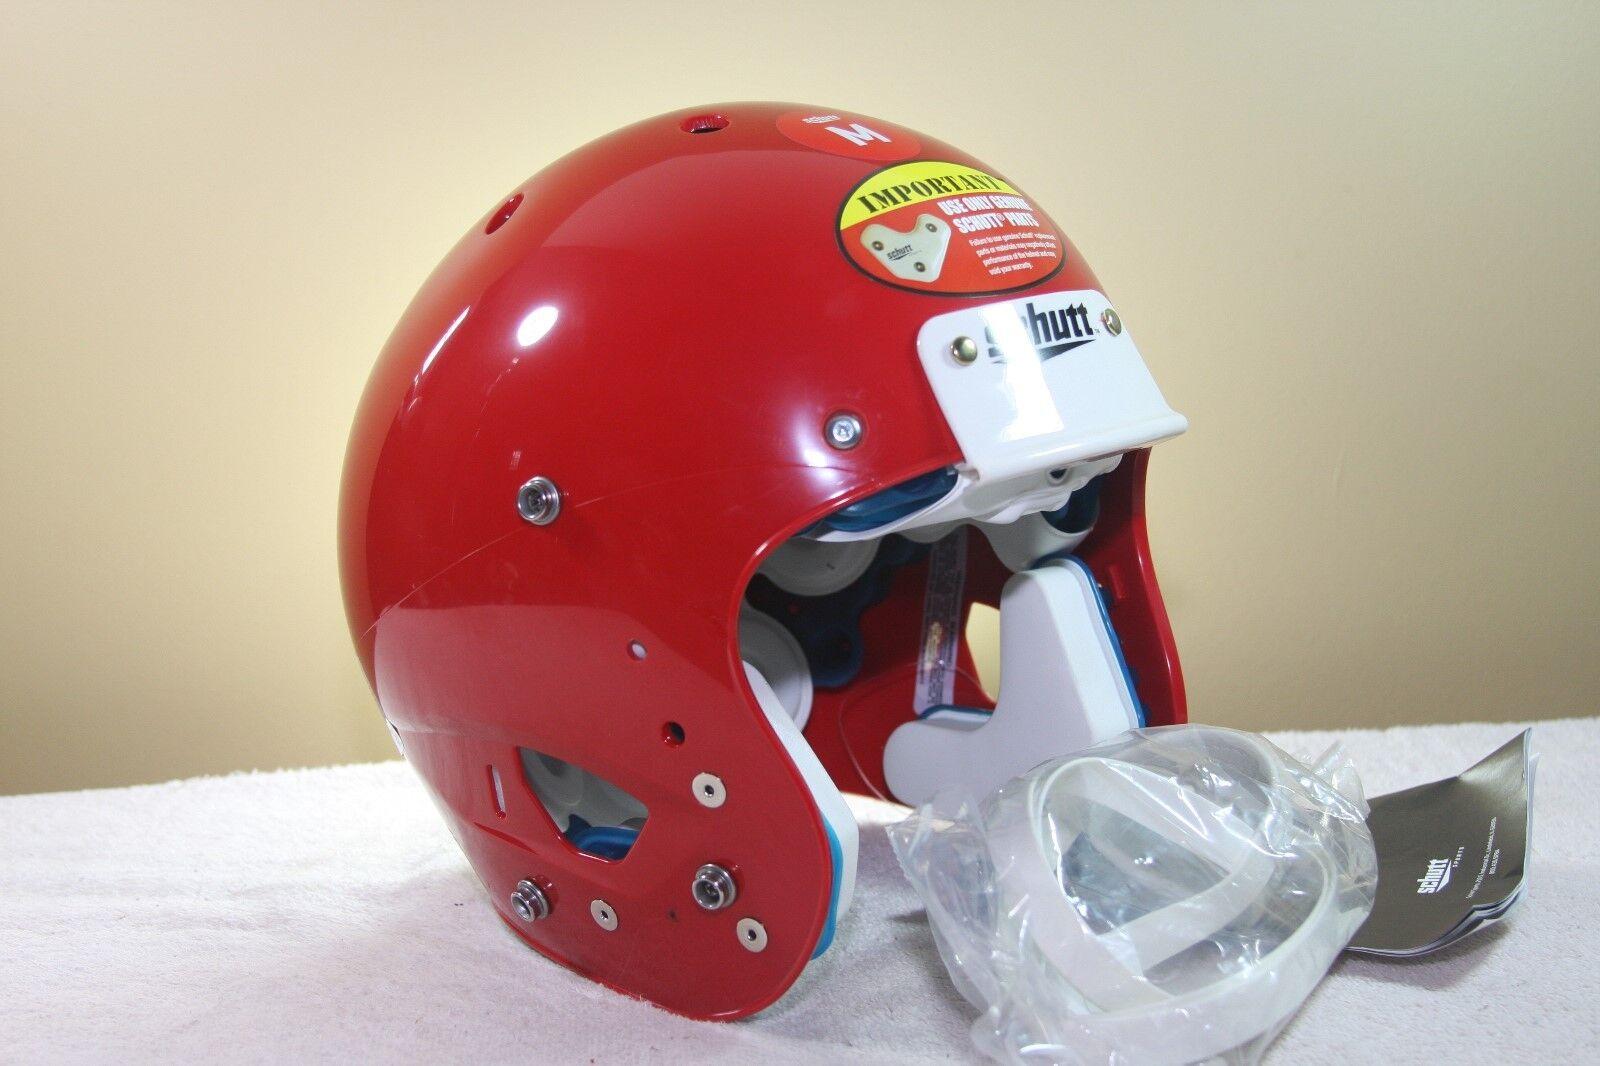 Schutt YOUTH AiR XP Football Helmet SCARLETT RED New not used MEDIUM 2017 157